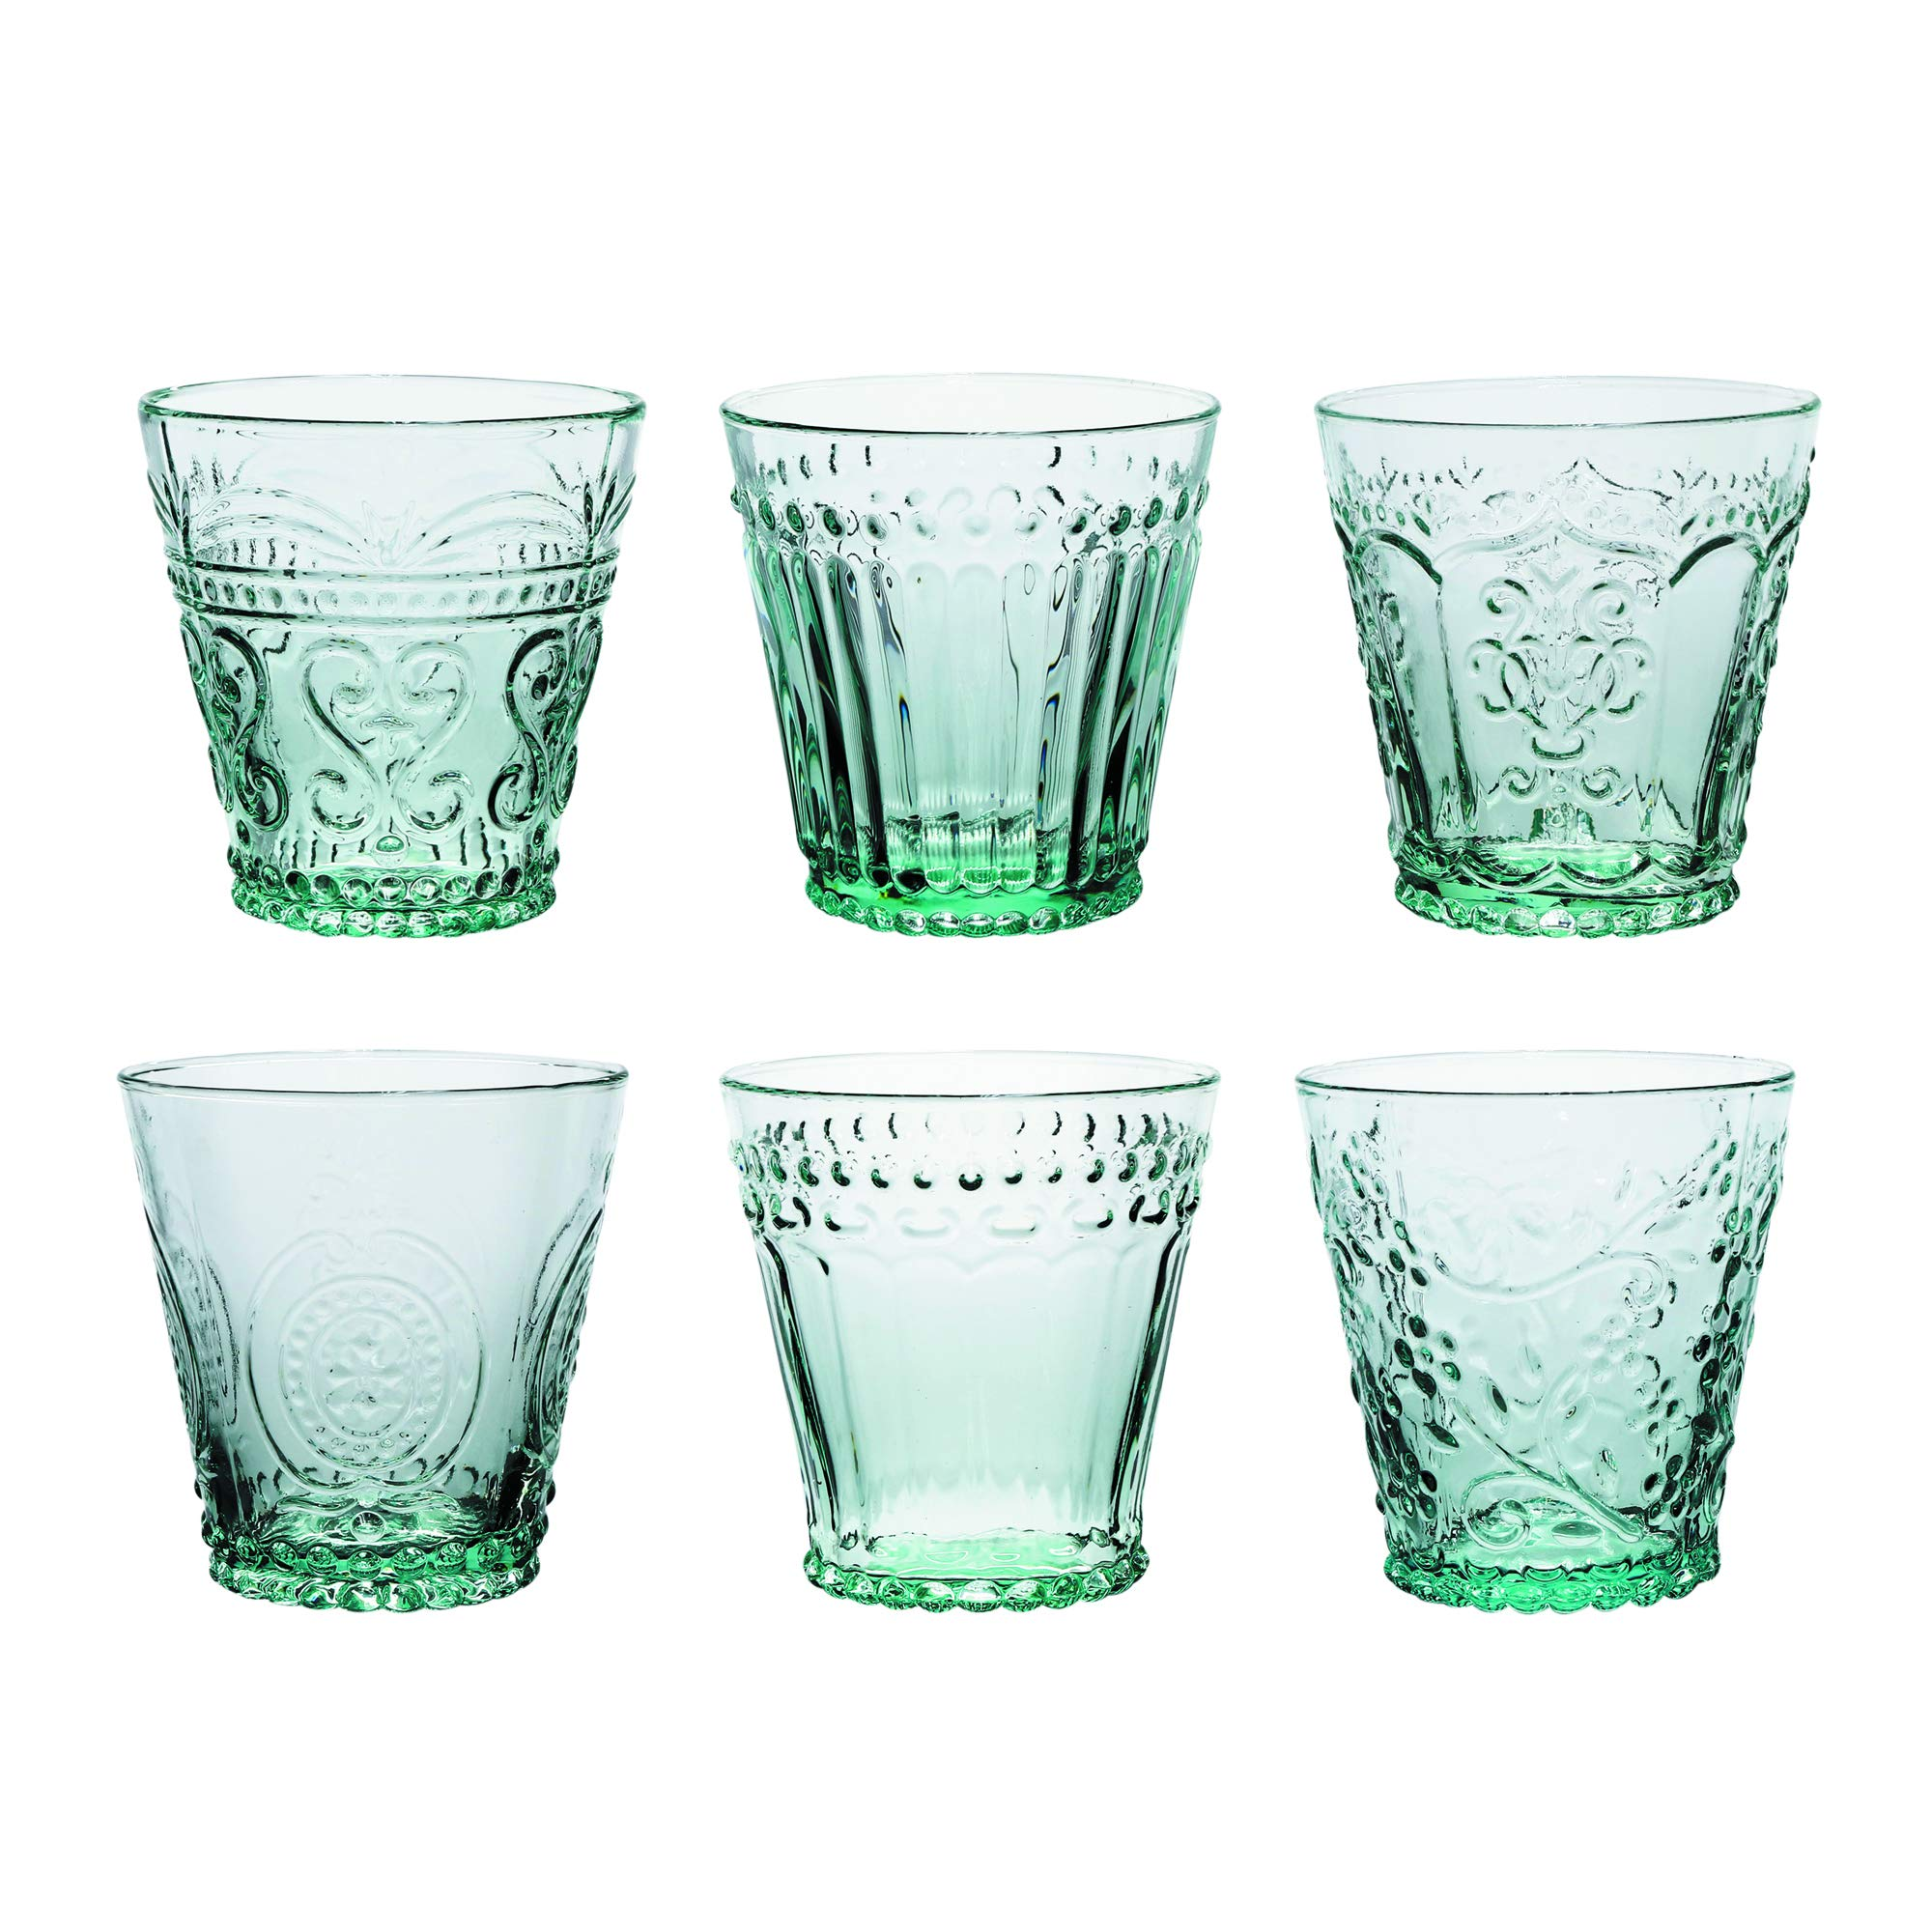 Kom Amsterdam AQ6MX Aqua Waterglass, Soda Lime Glass, 240 milliliters, Green by Kom Amsterdam